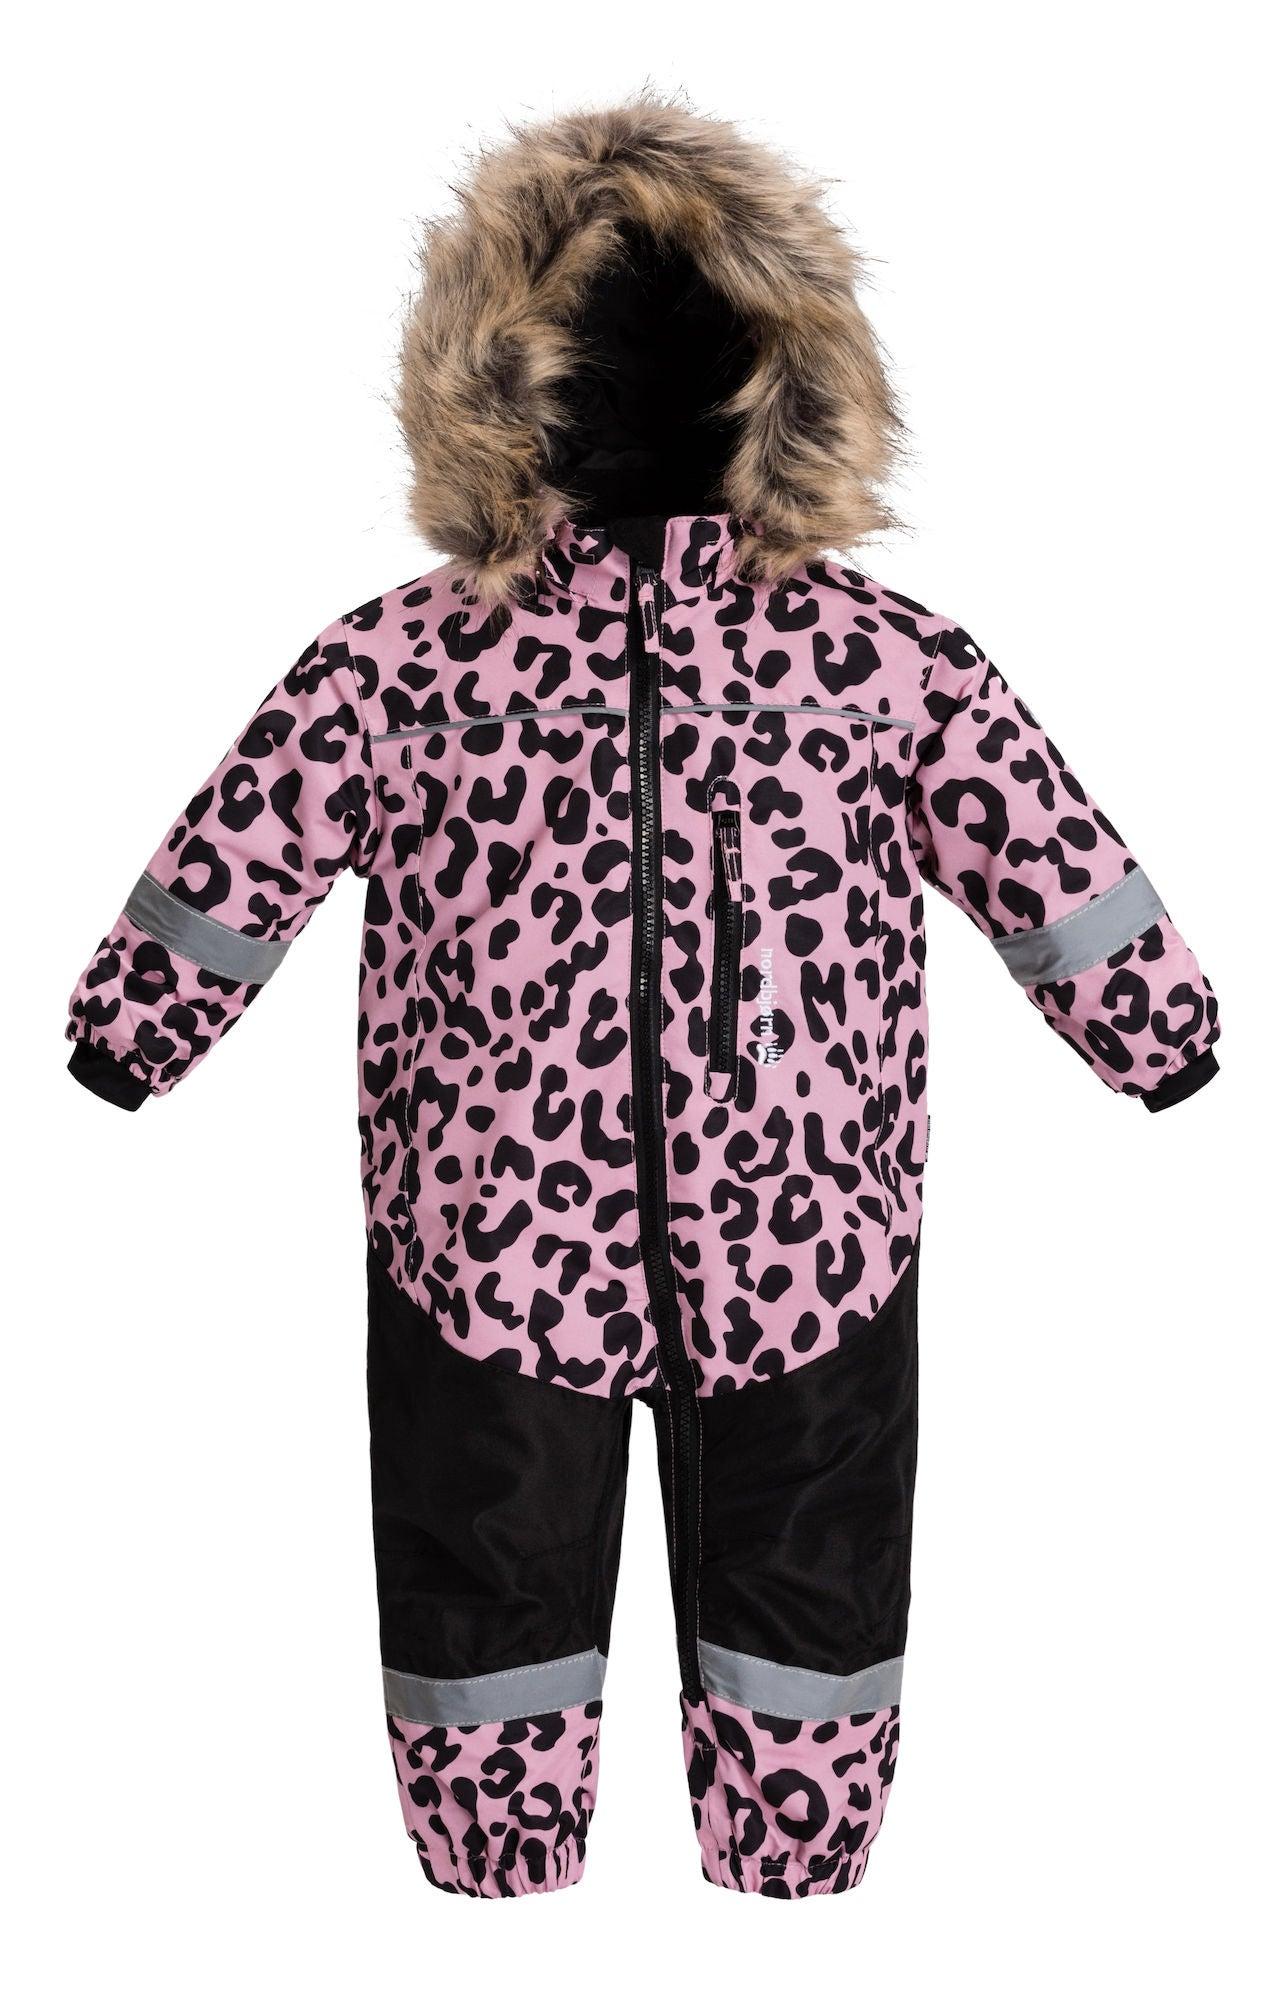 Nordbjörn Igloo Babyoverall, Pink Nectar Leopard 68